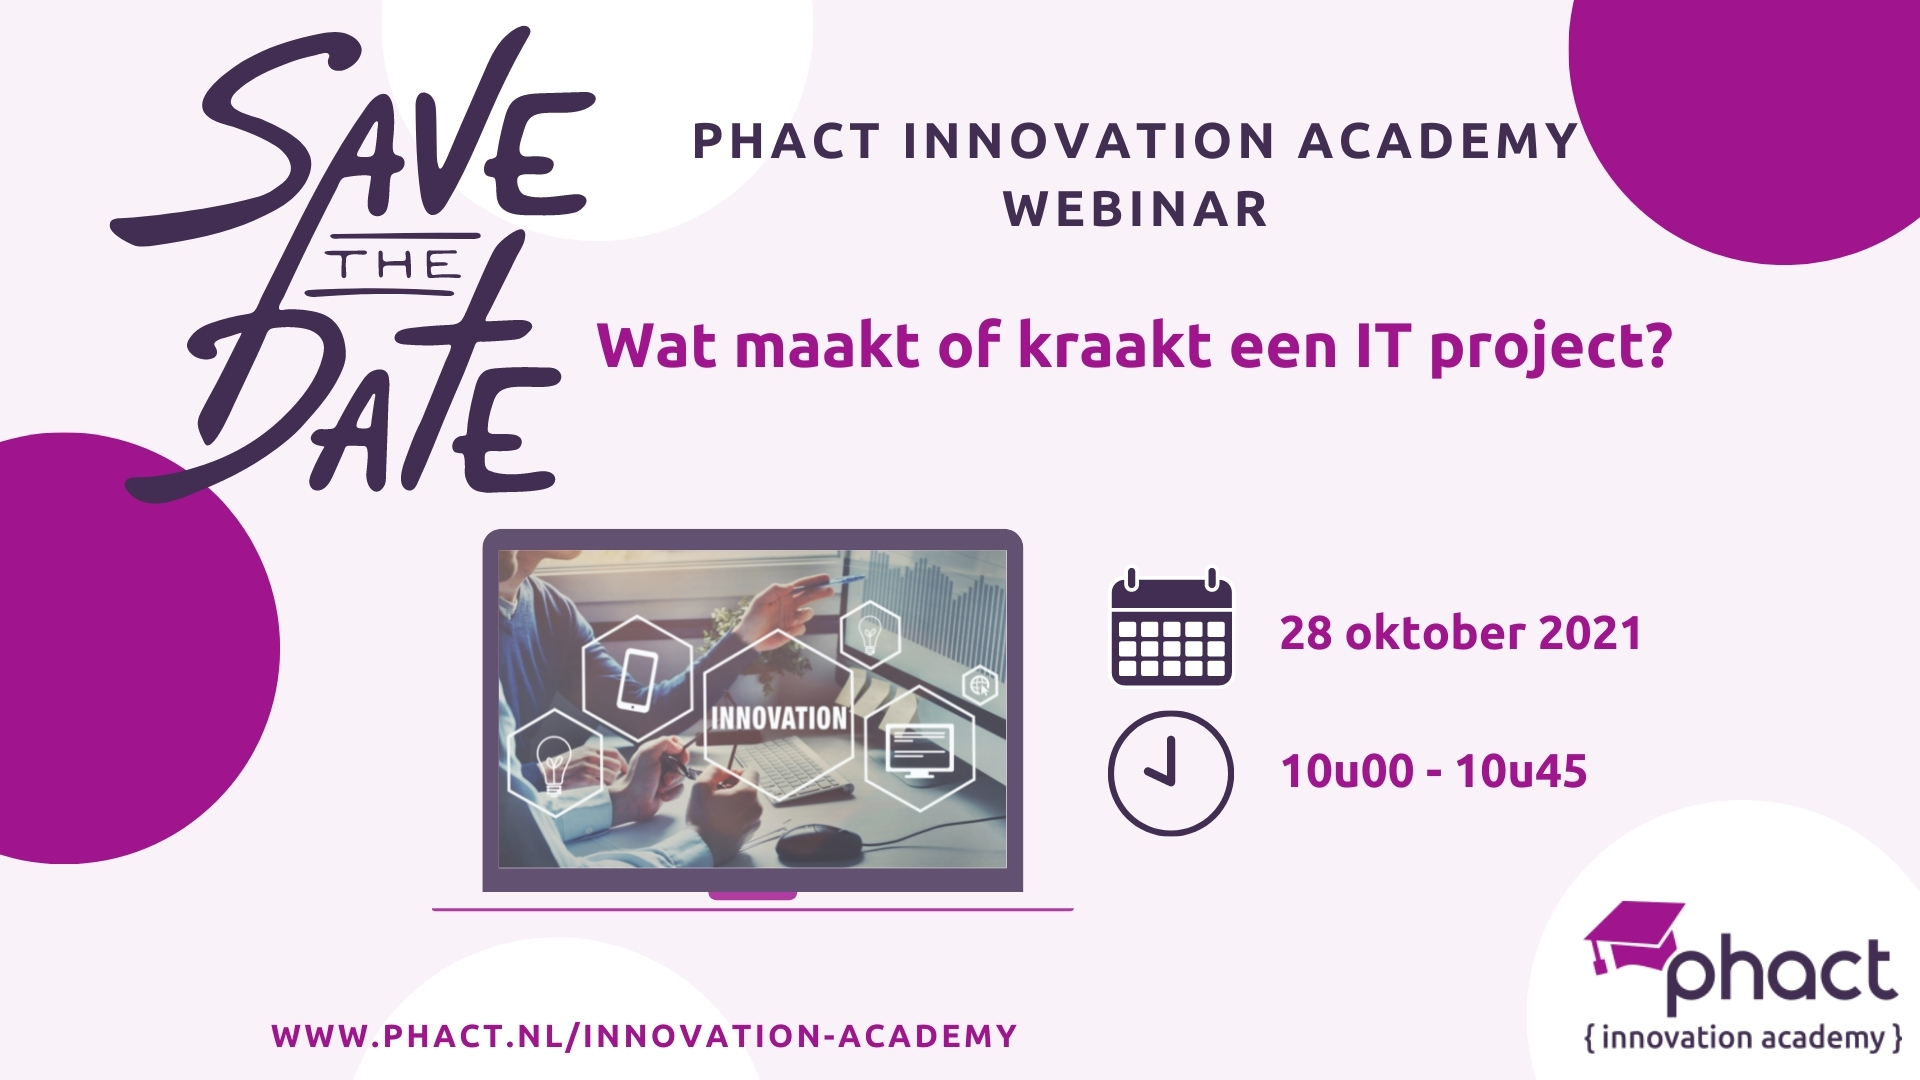 Phact innovation academy - principes (1)